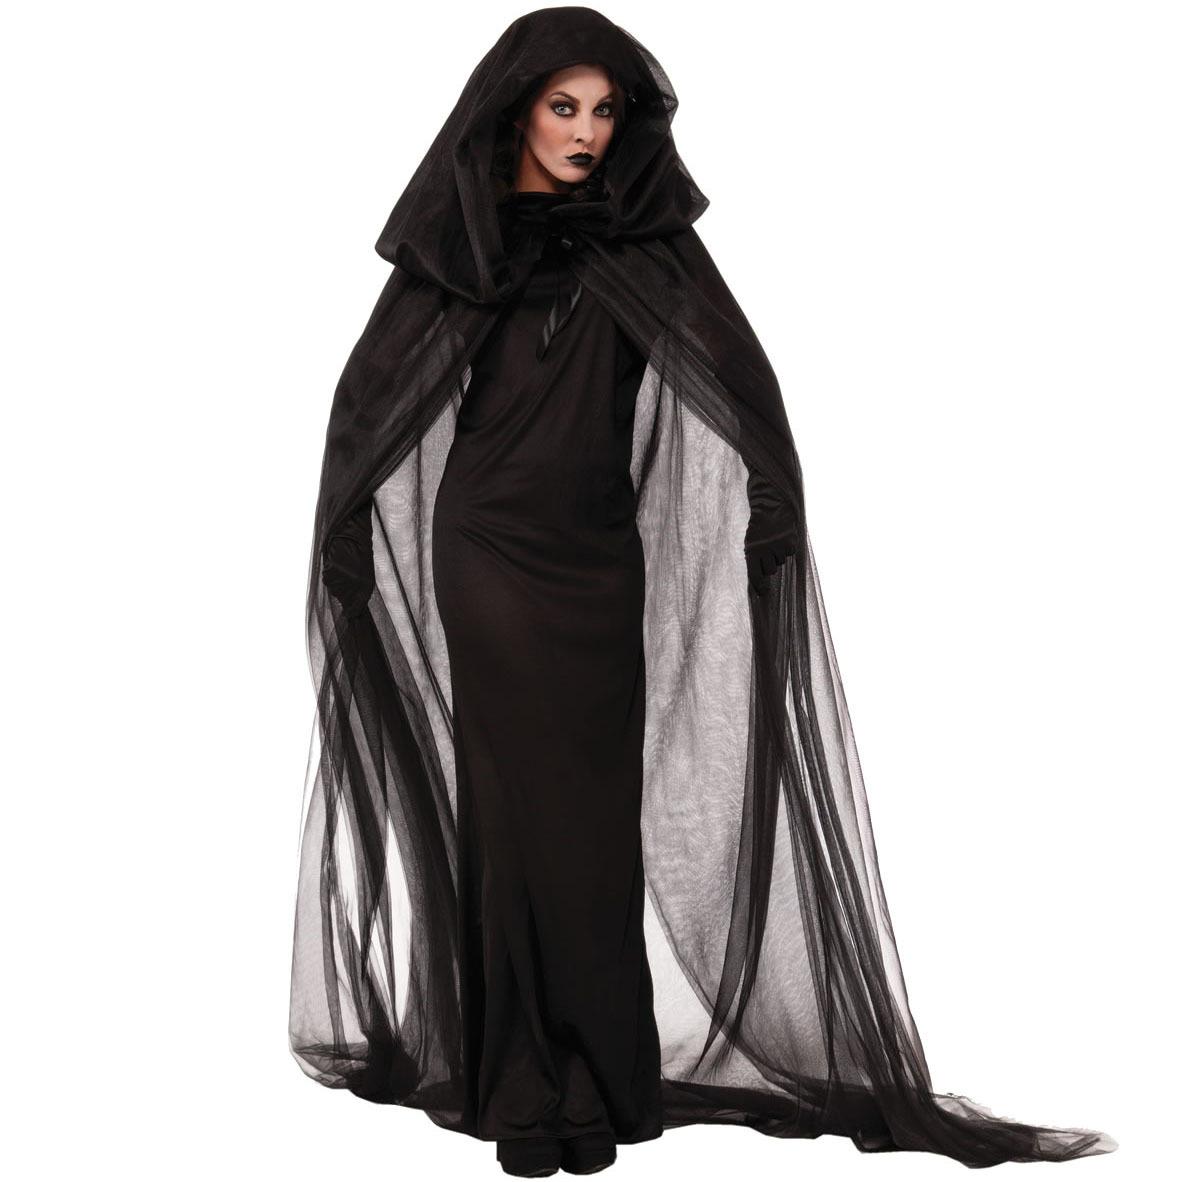 Sexy Adult Party Karneval Cosplay Halloween Kostüm für Frauen Kostüm Kostüme